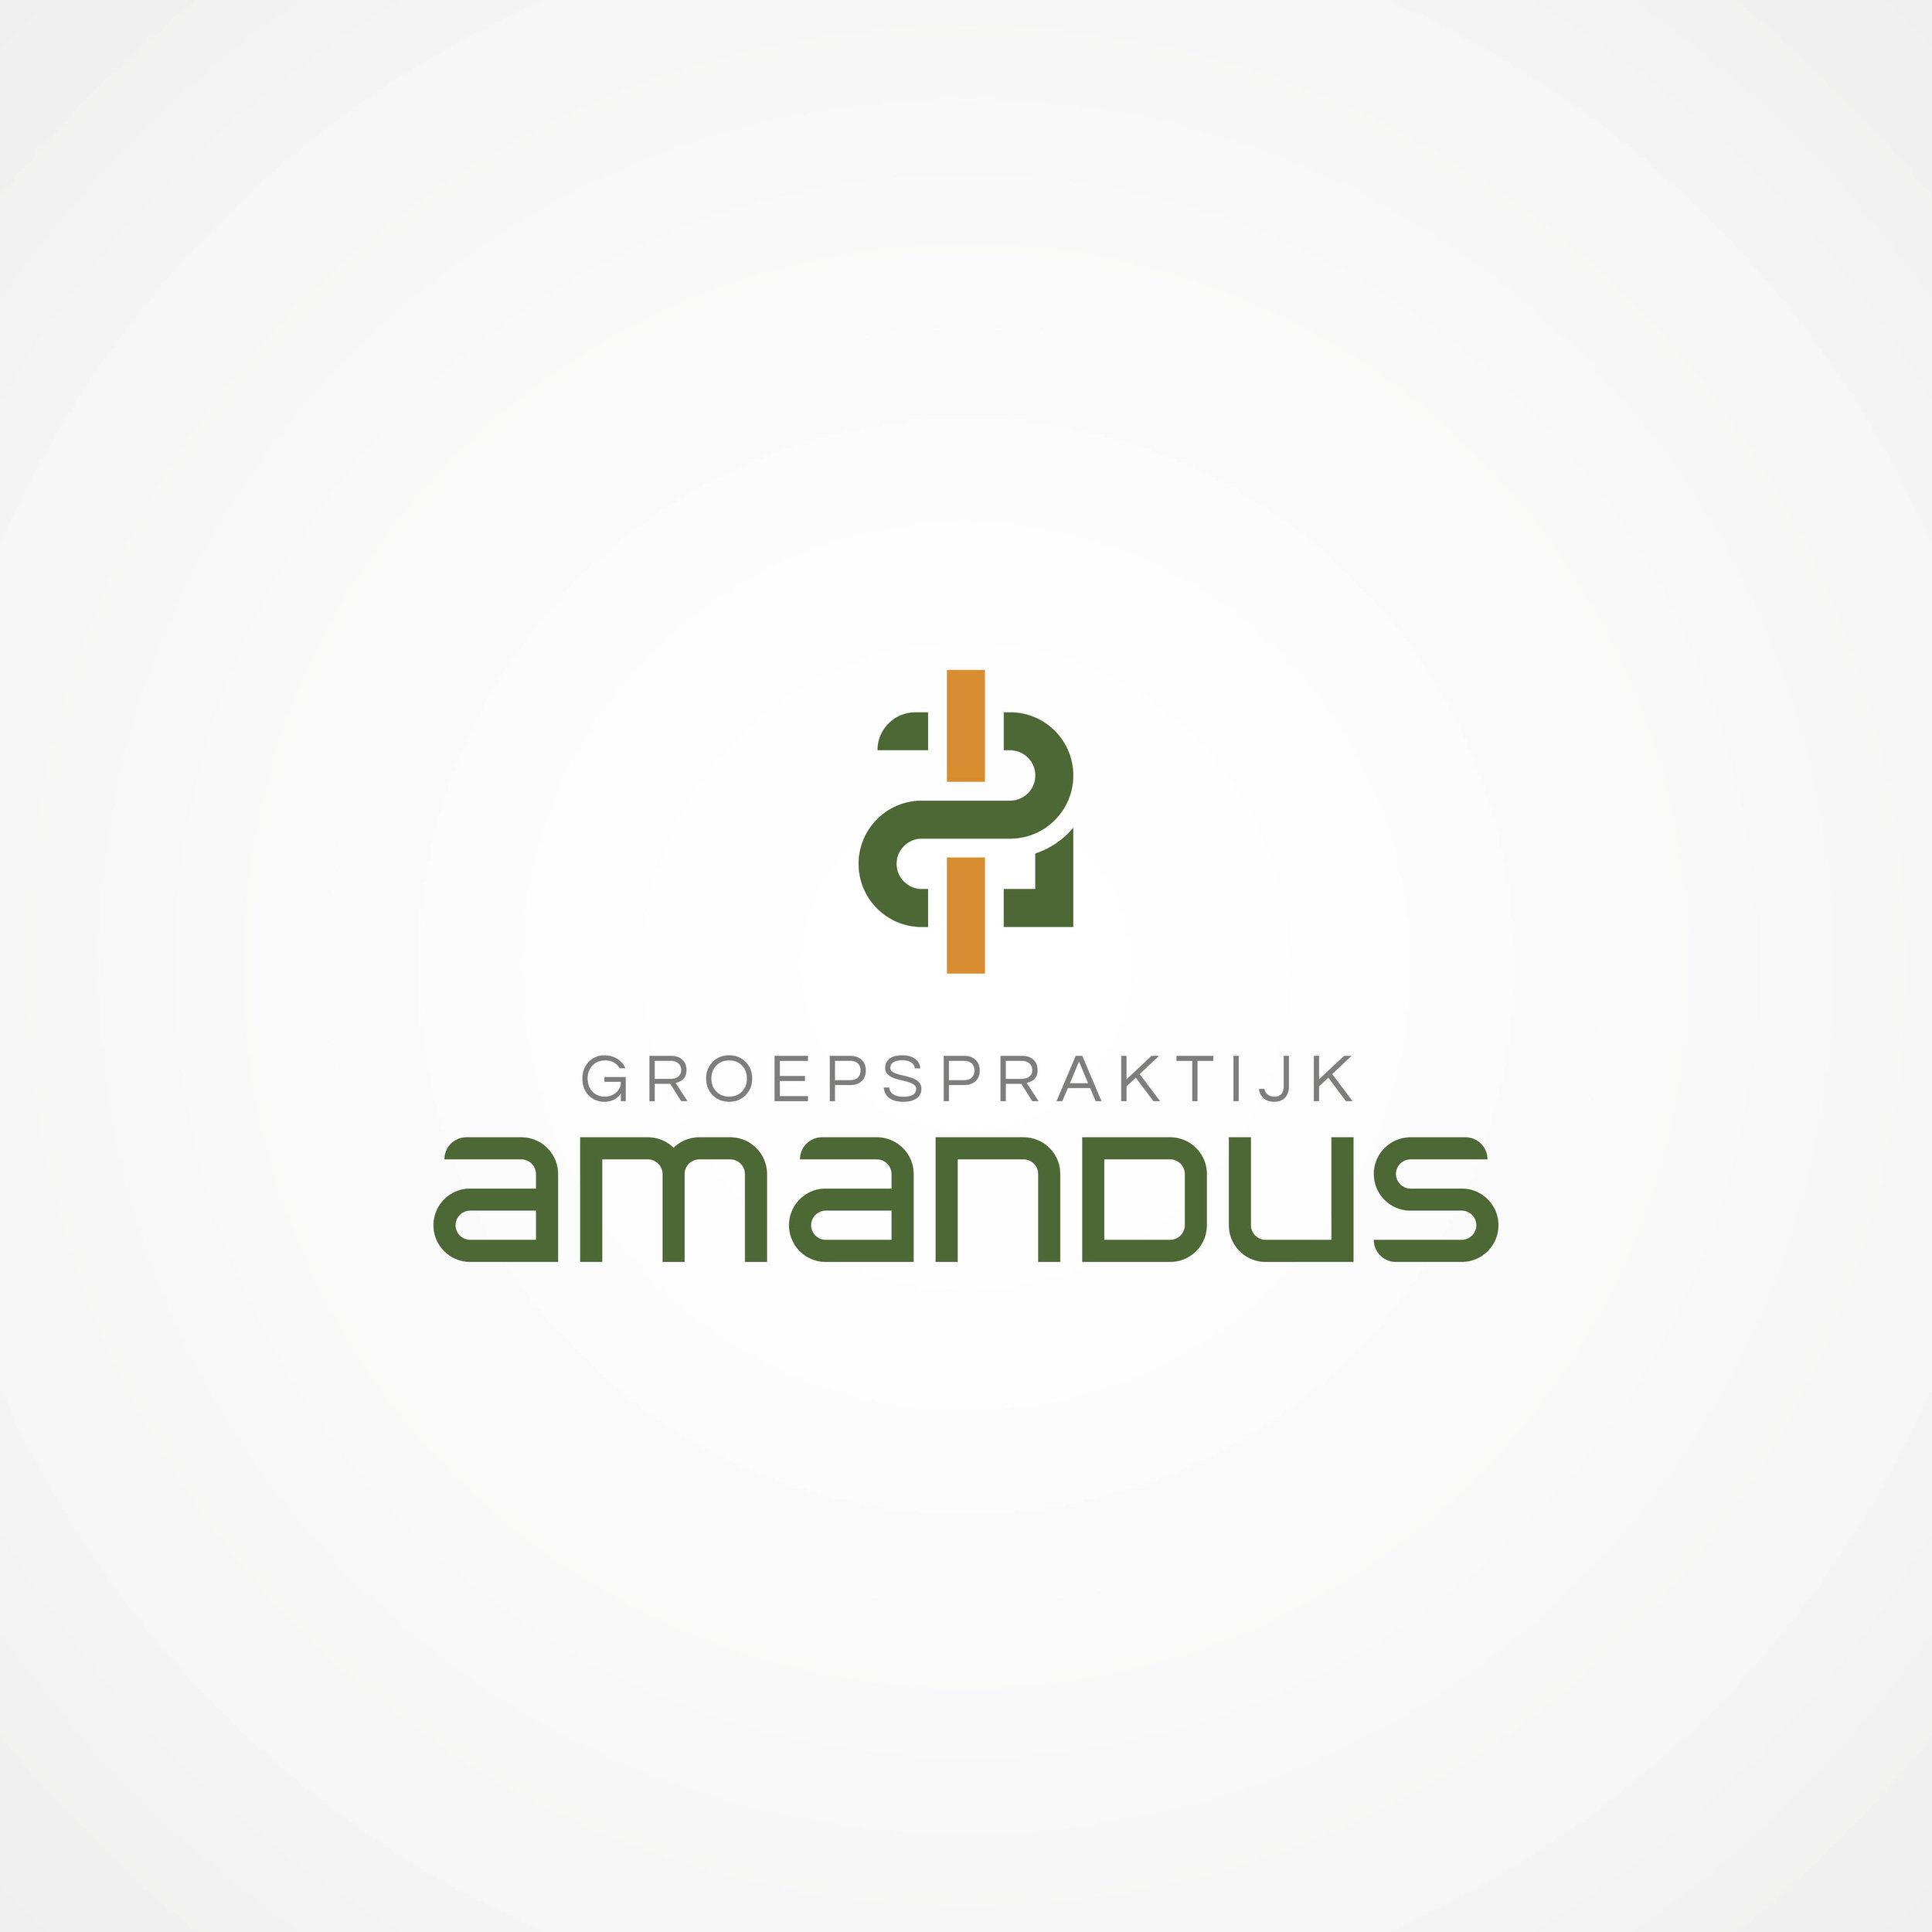 GROEPSPRAKTIJK AMANDUS - Vader en zoon startten een nieuwe groepspraktijk op het Sint-Amandsplein in Strombeek.